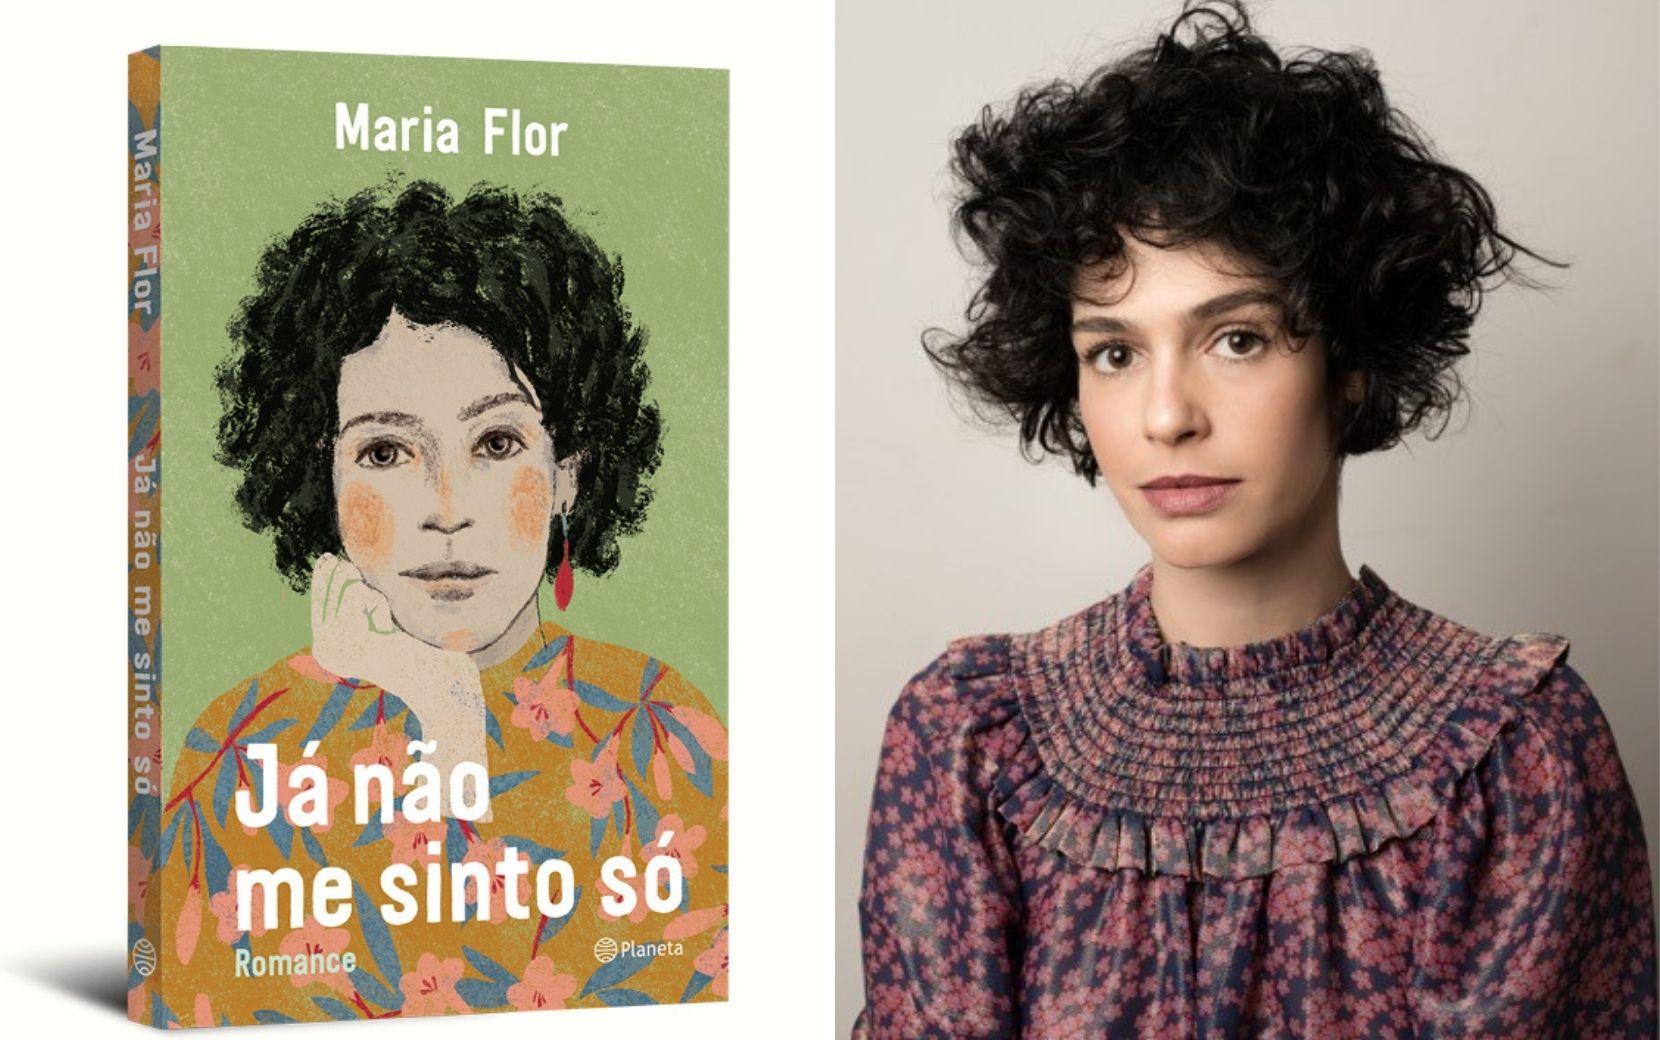 """""""Já não me sinto só"""": Maria Flor explora jornada de autoconhecimento em romance de estreia"""